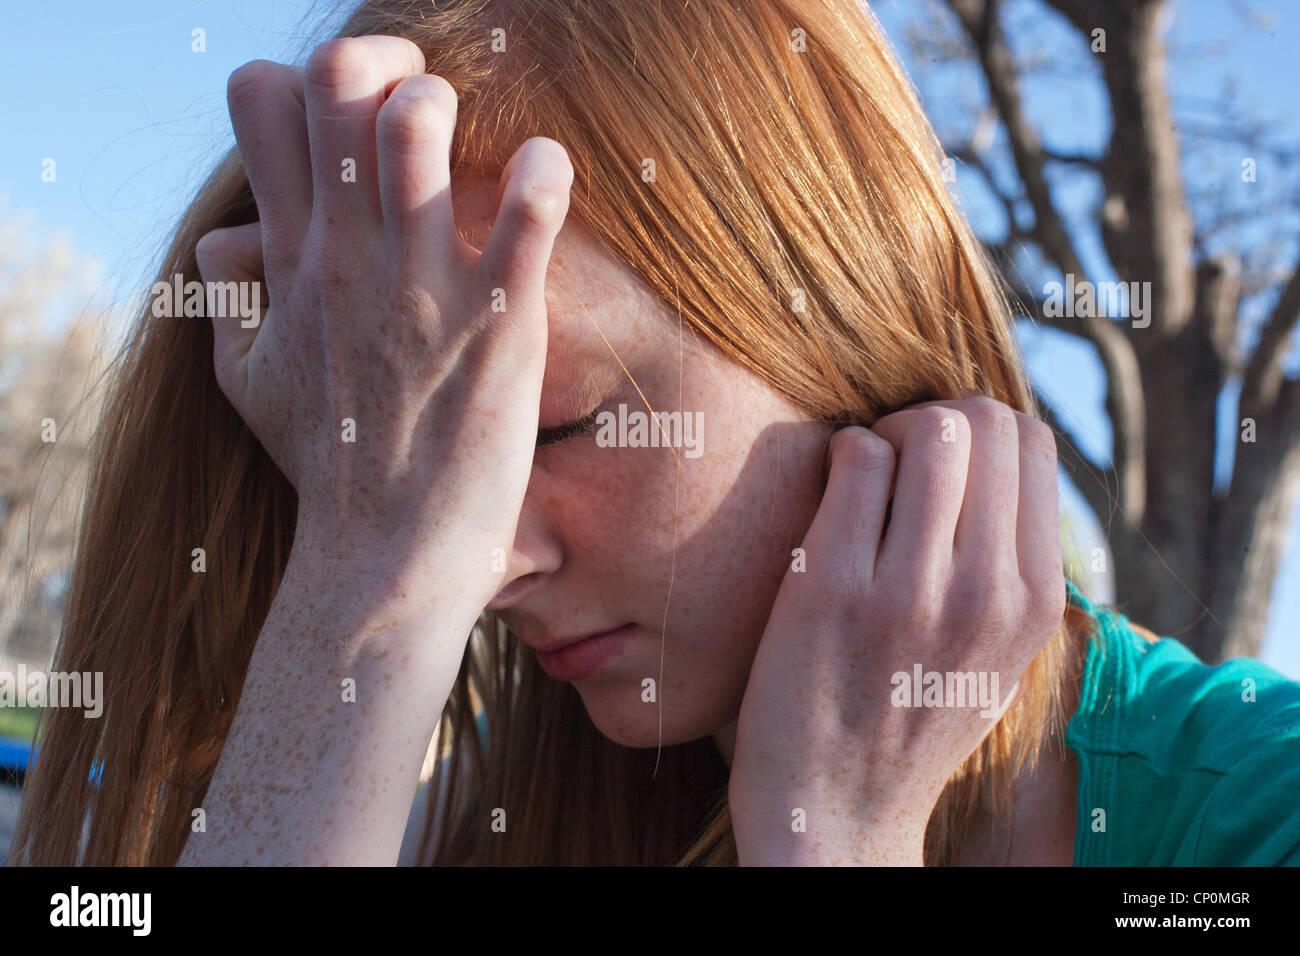 Près d'une jeune fille de seize ans en situation d'anxiété et couvrant son visage avec ses Photo Stock